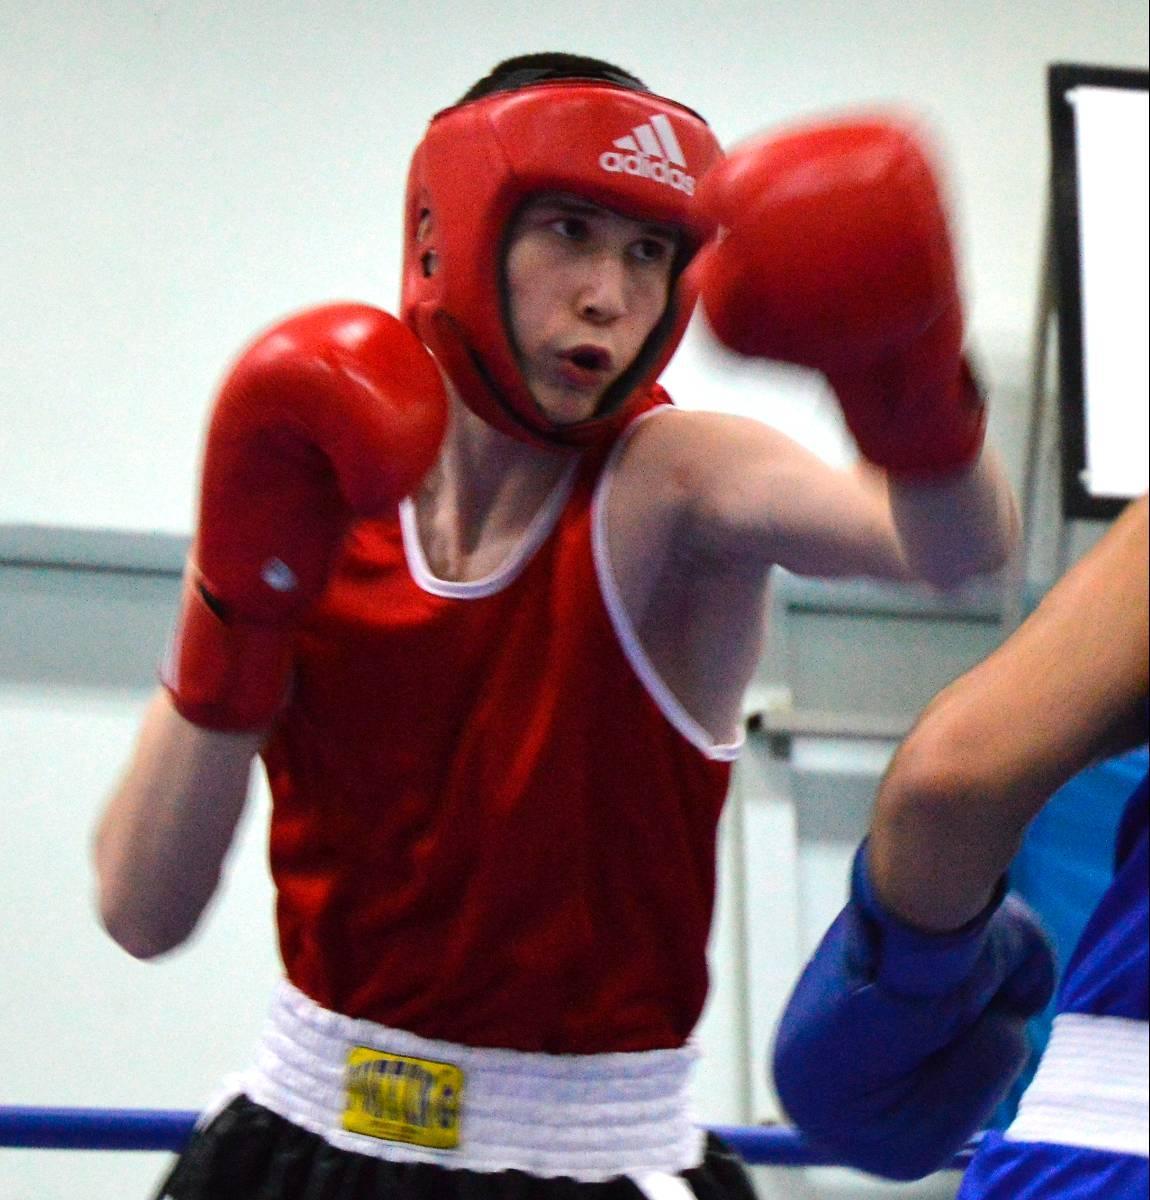 Som 17-åring tog Laziz Sharifov hem en silvermedalj på boxnings-SM – för seniorer.